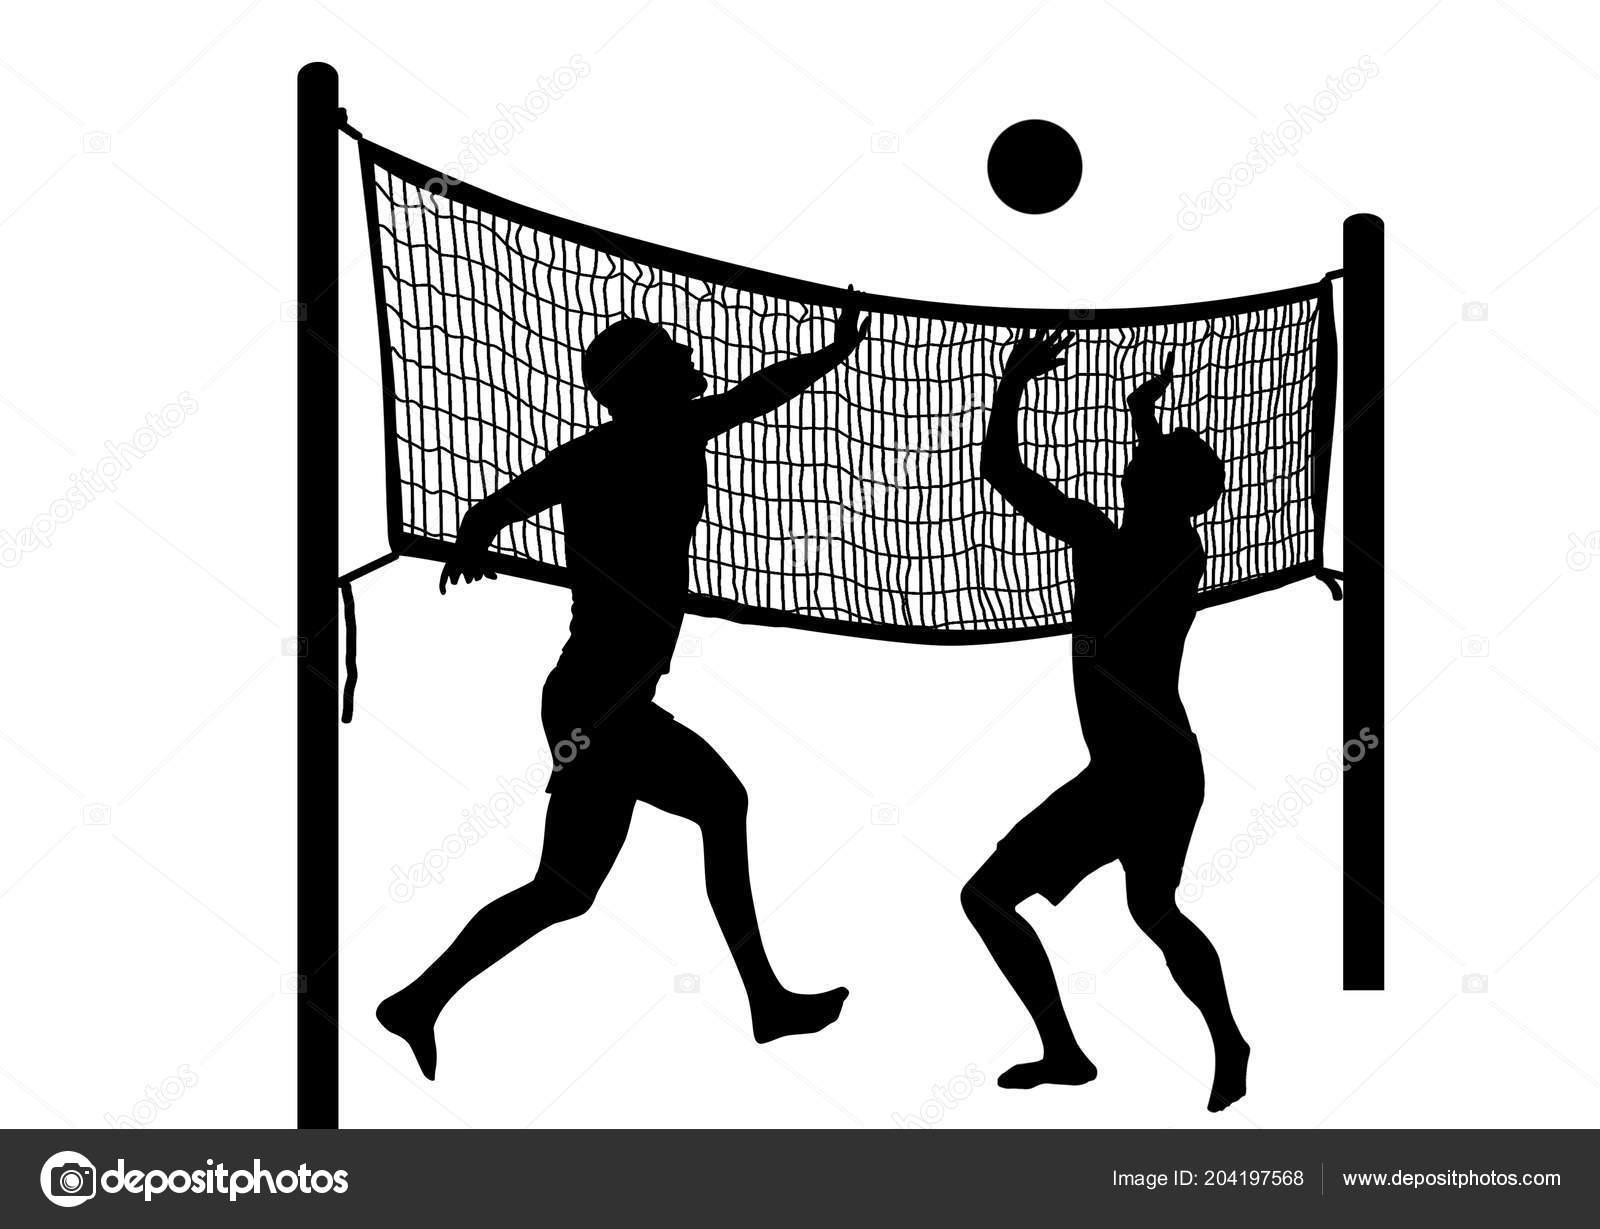 Siluetas Dos Hombres Jugando Voleibol Playa Sobre Fondo